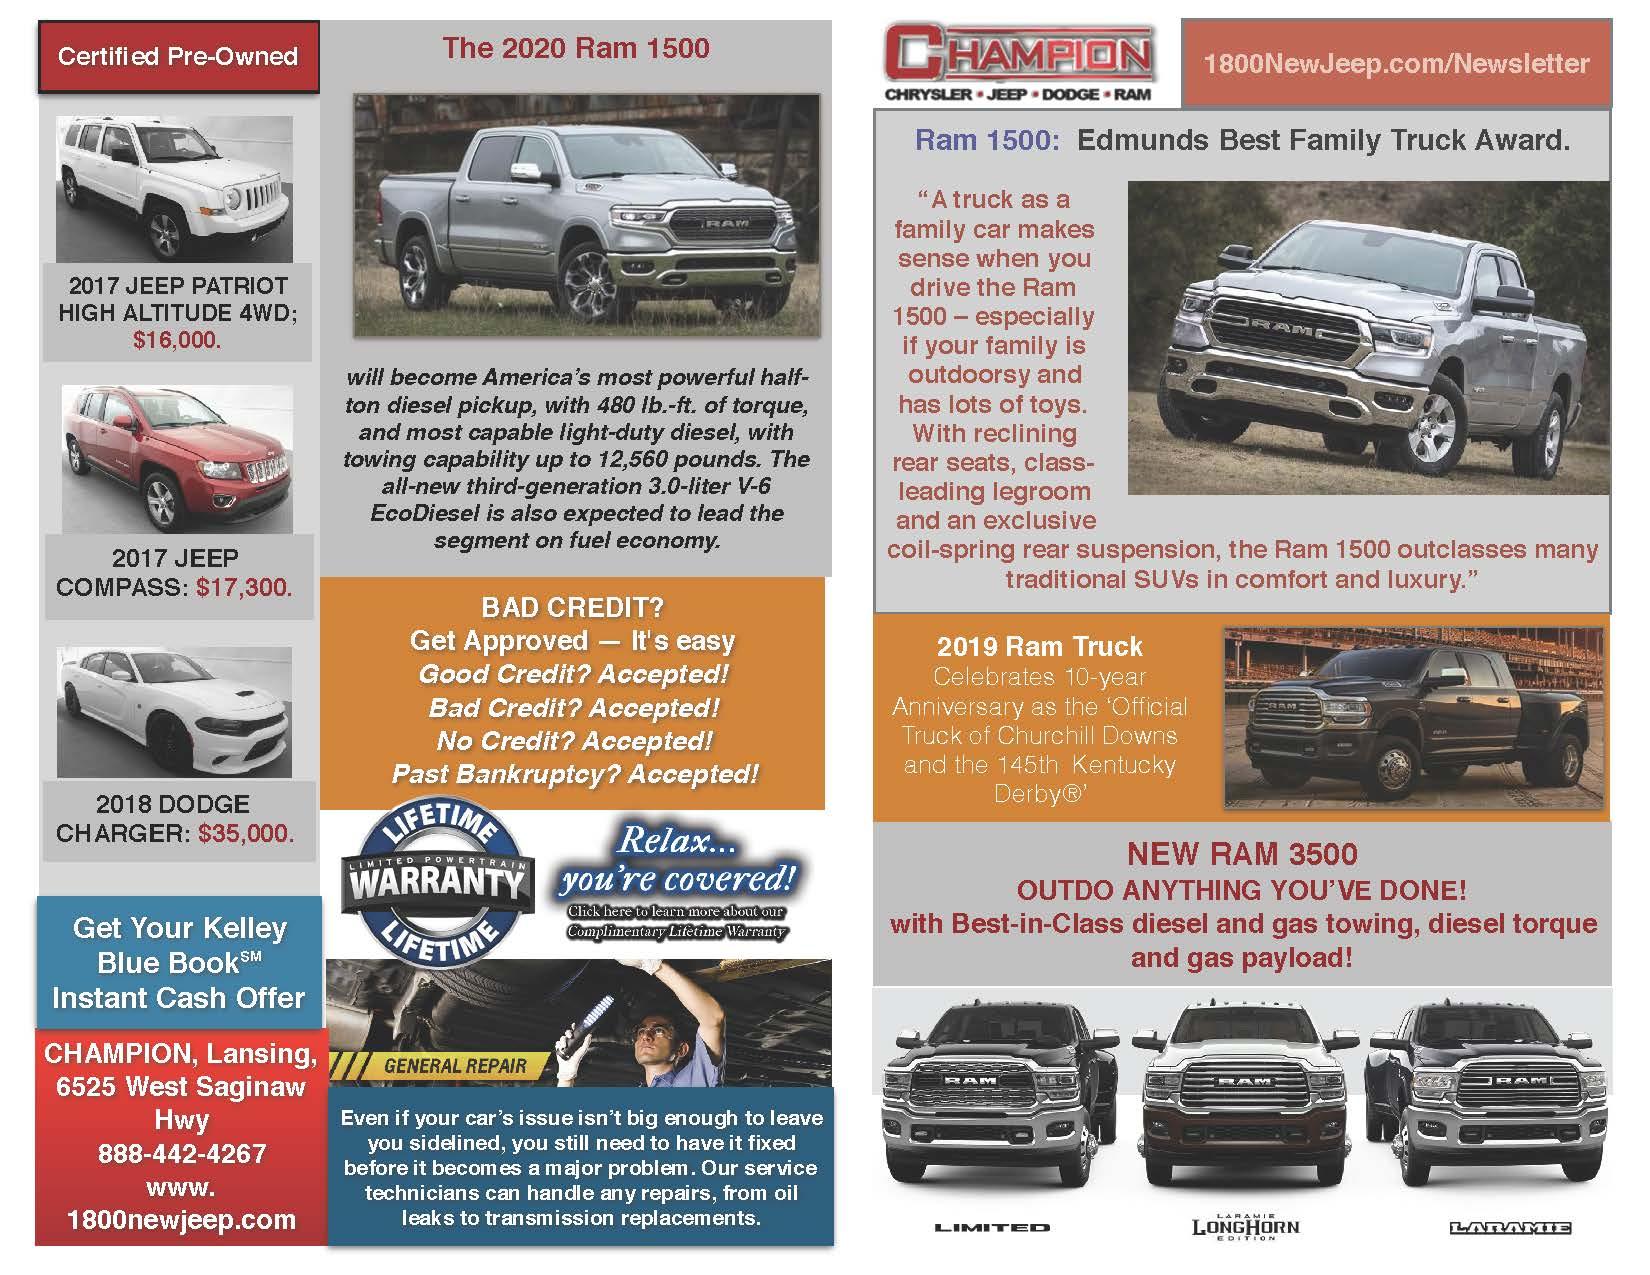 Newsletter Lansing | Champion Chrysler Jeep Dodge Ram